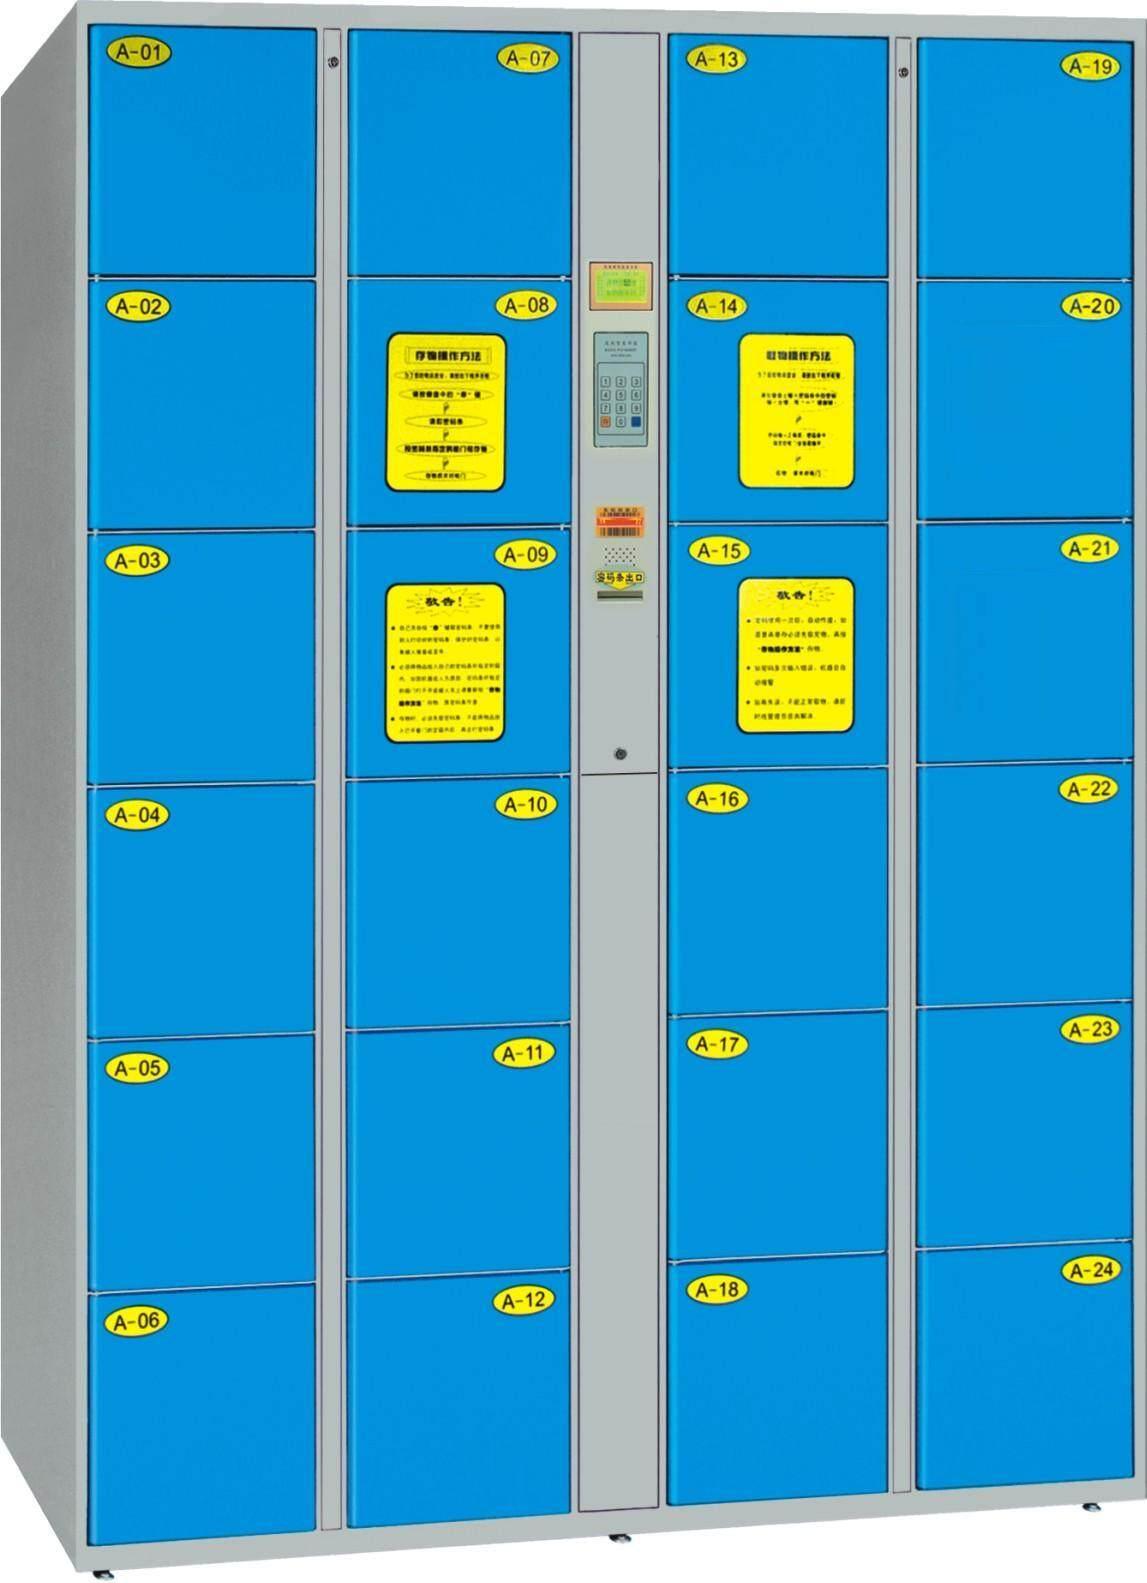 12门电子寄包柜价格多少合适呢?